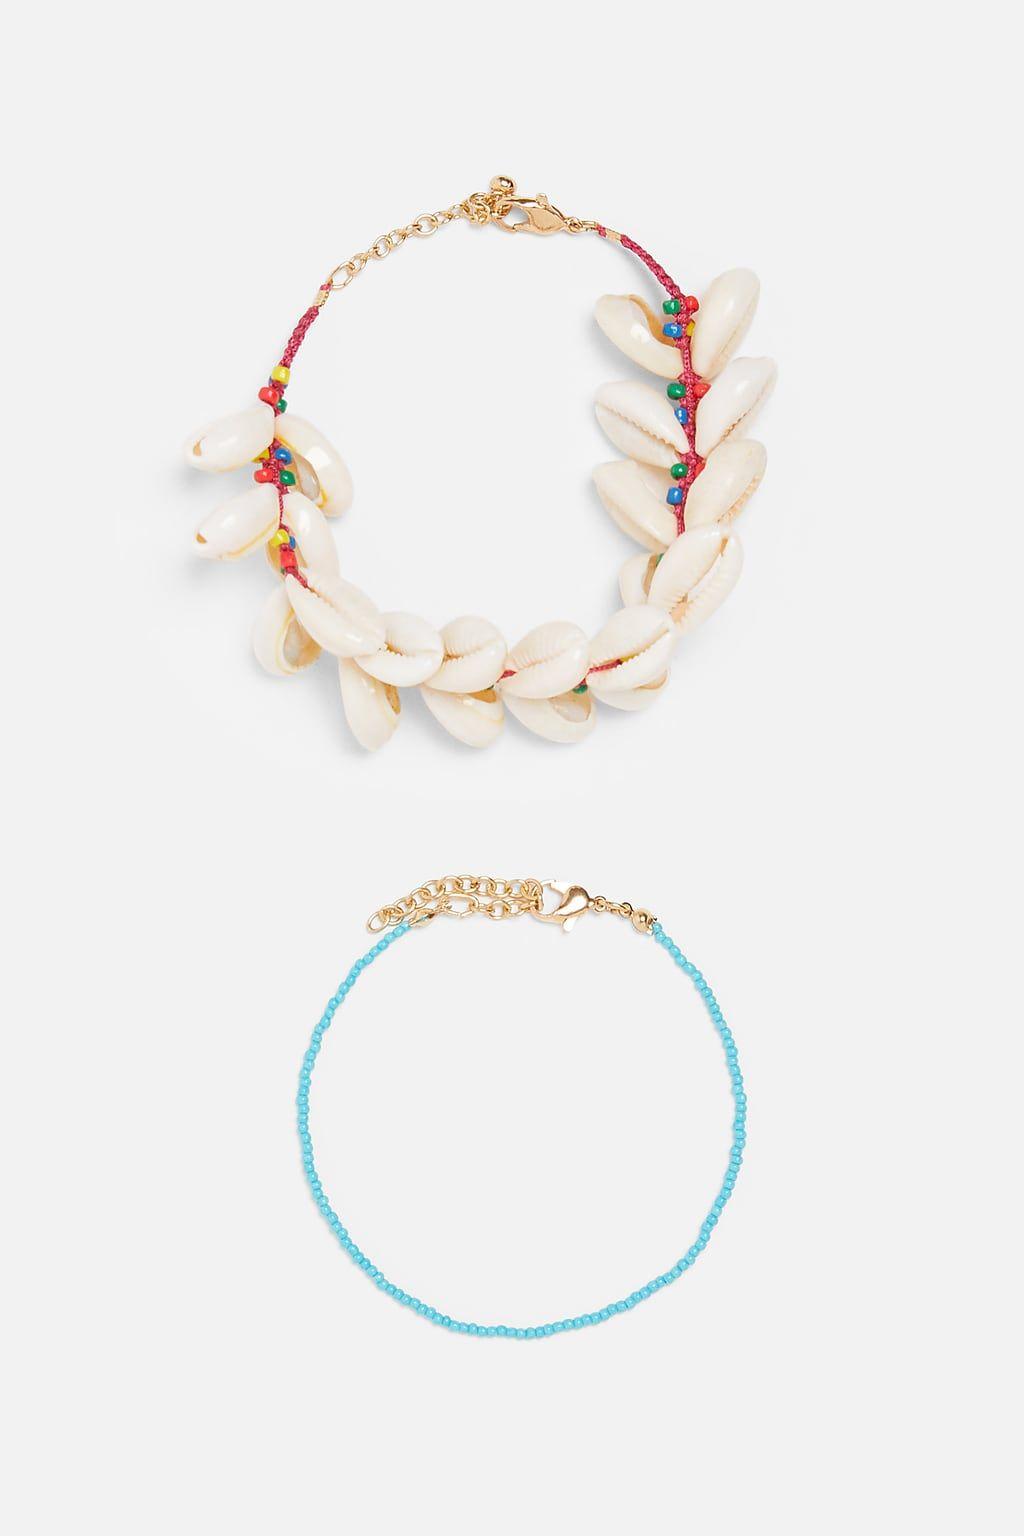 caractéristiques exceptionnelles style limité la moitié Pack of seashell bracelets or anklets ...